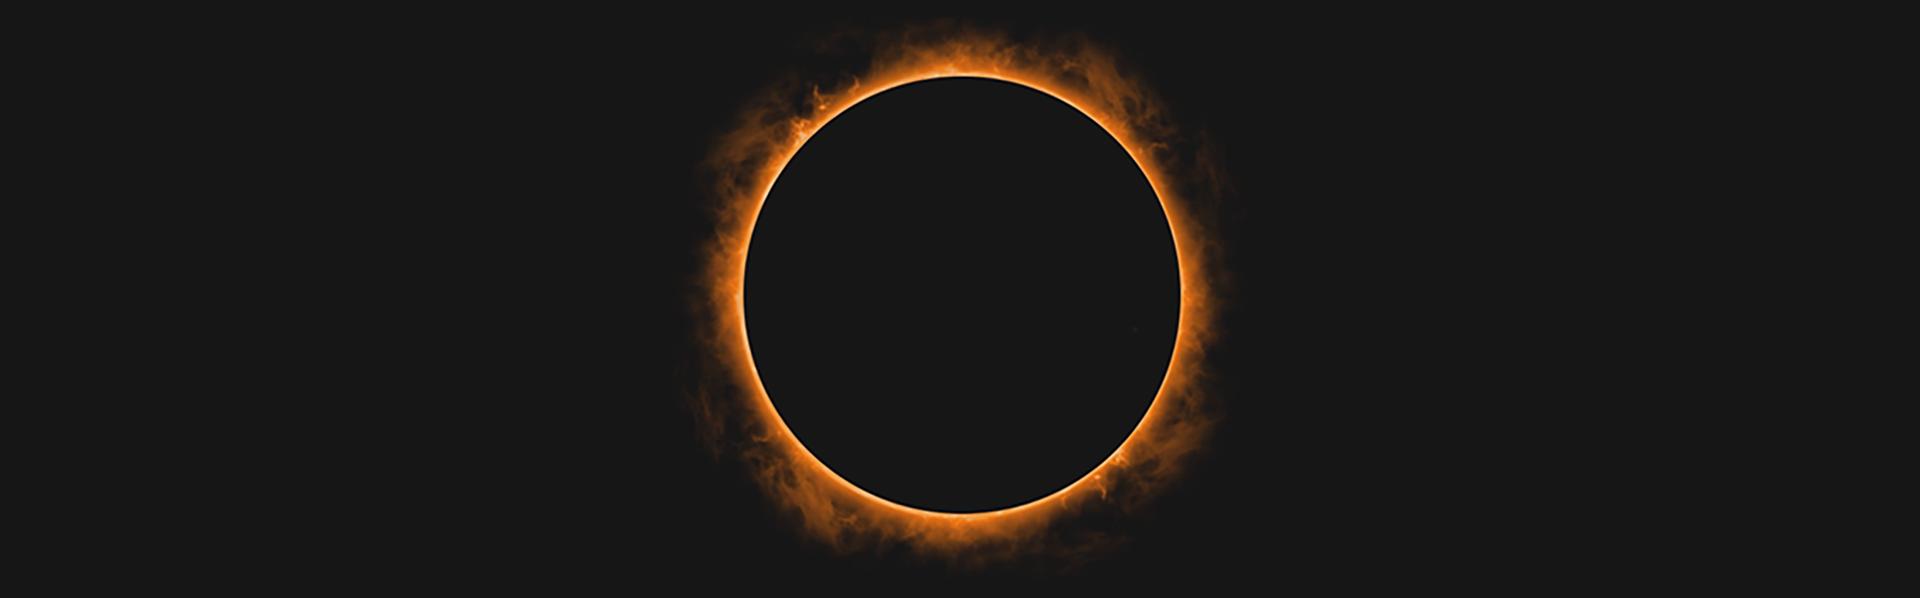 Sol, tiempo de eclipses